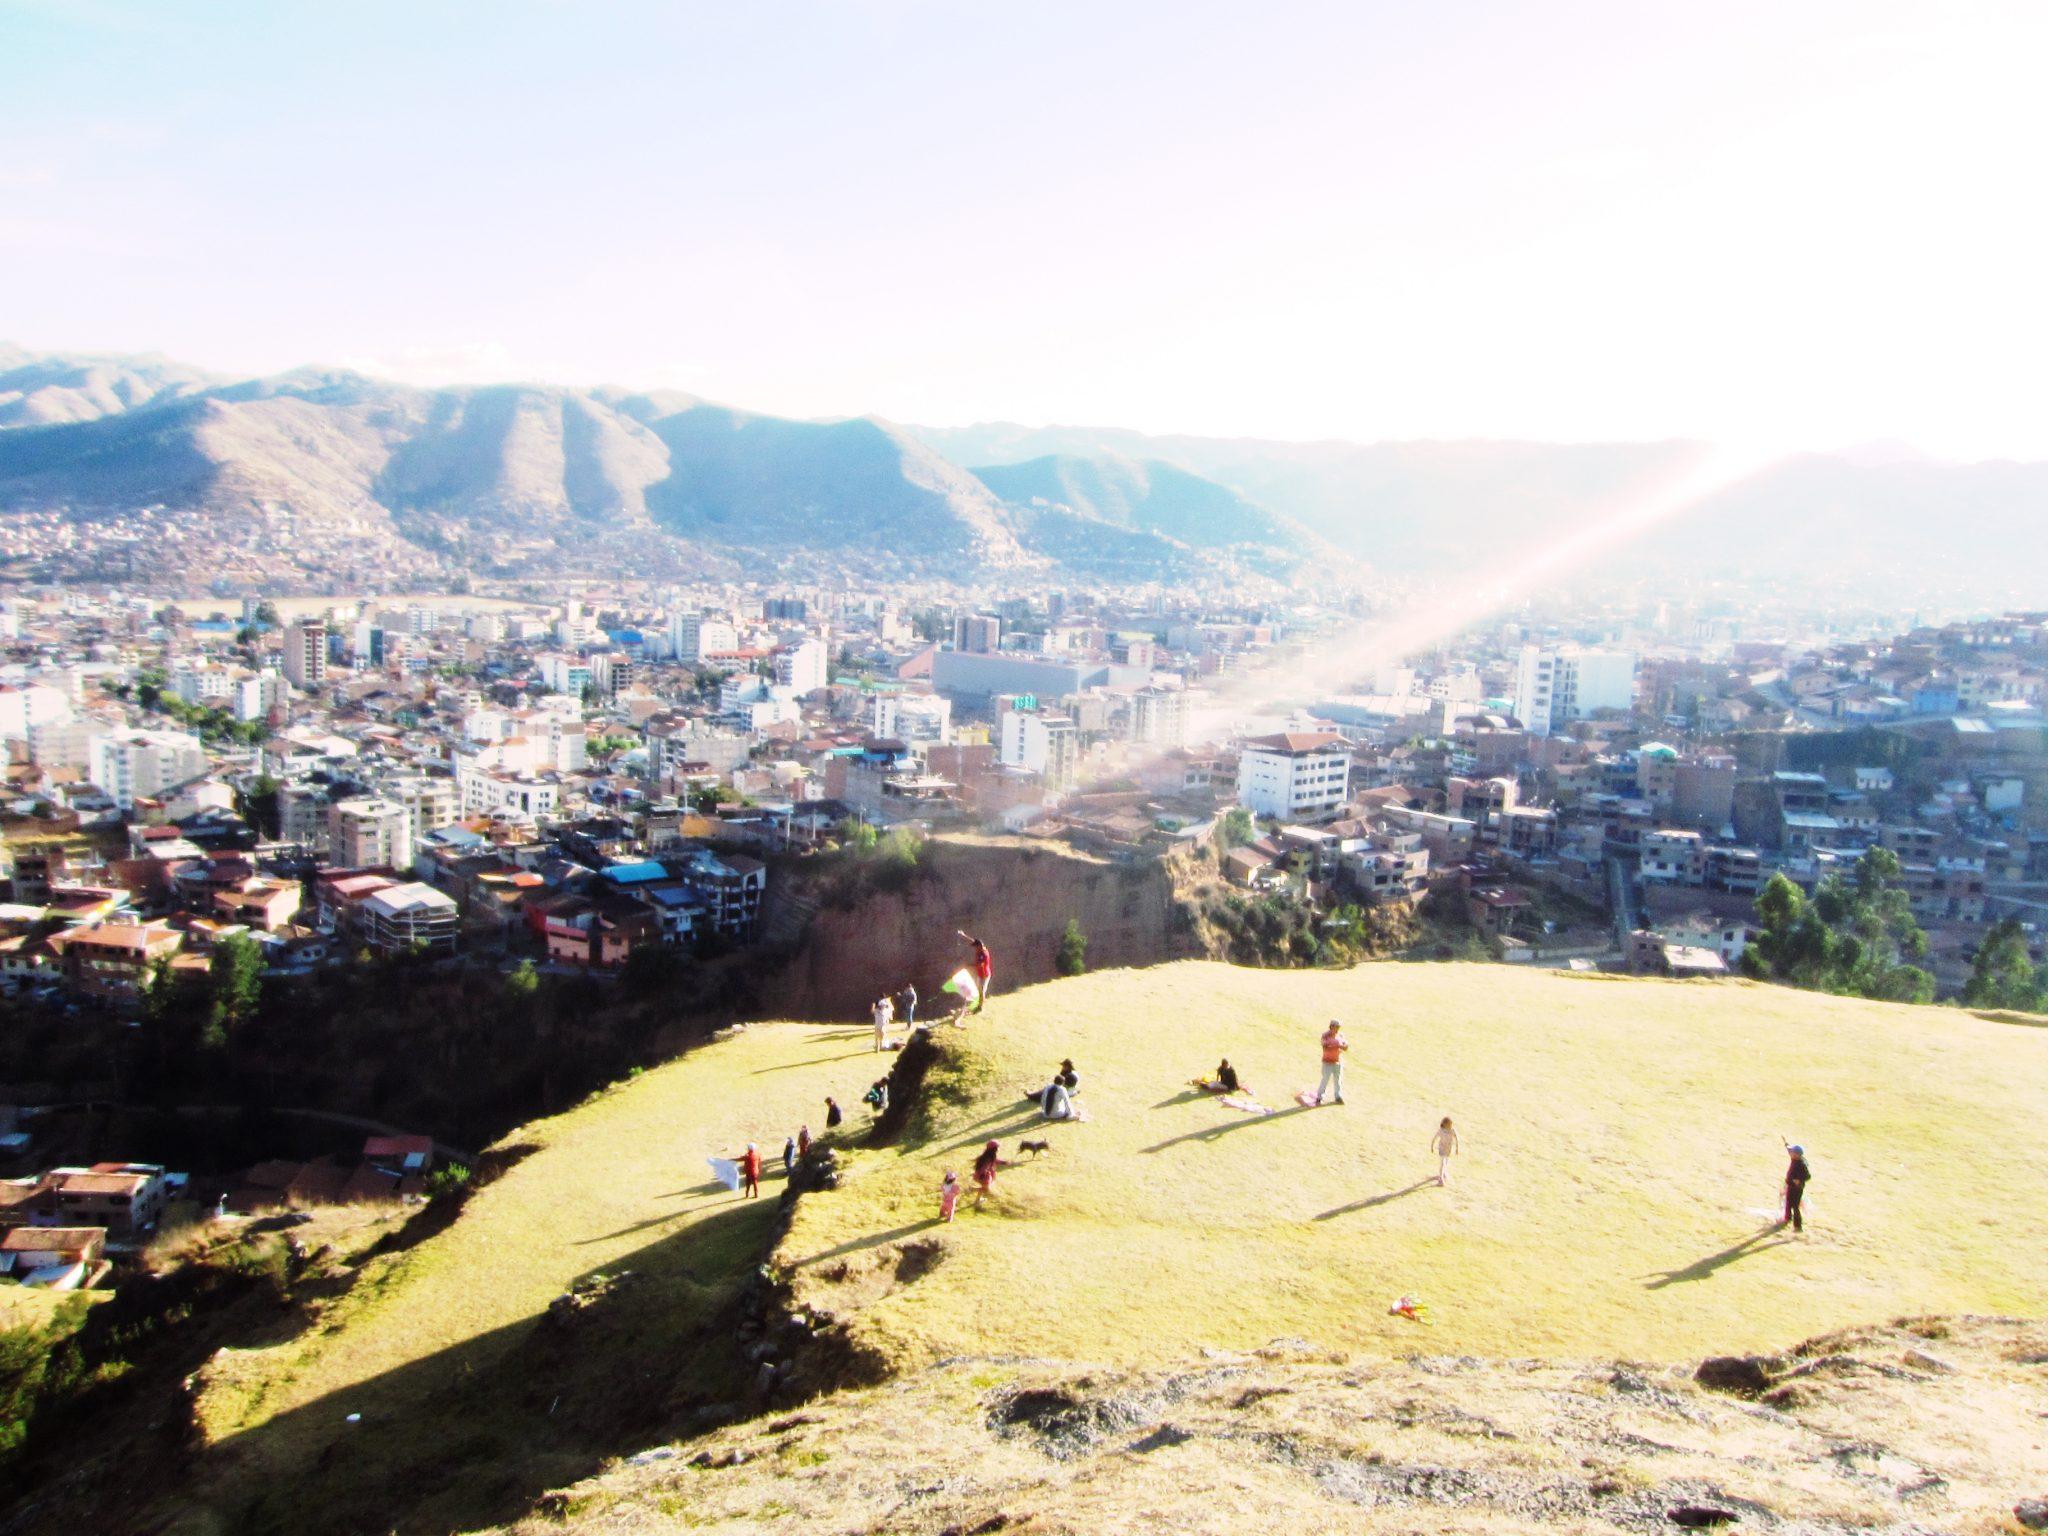 ペルー、クスコ、観光スポット、遺跡